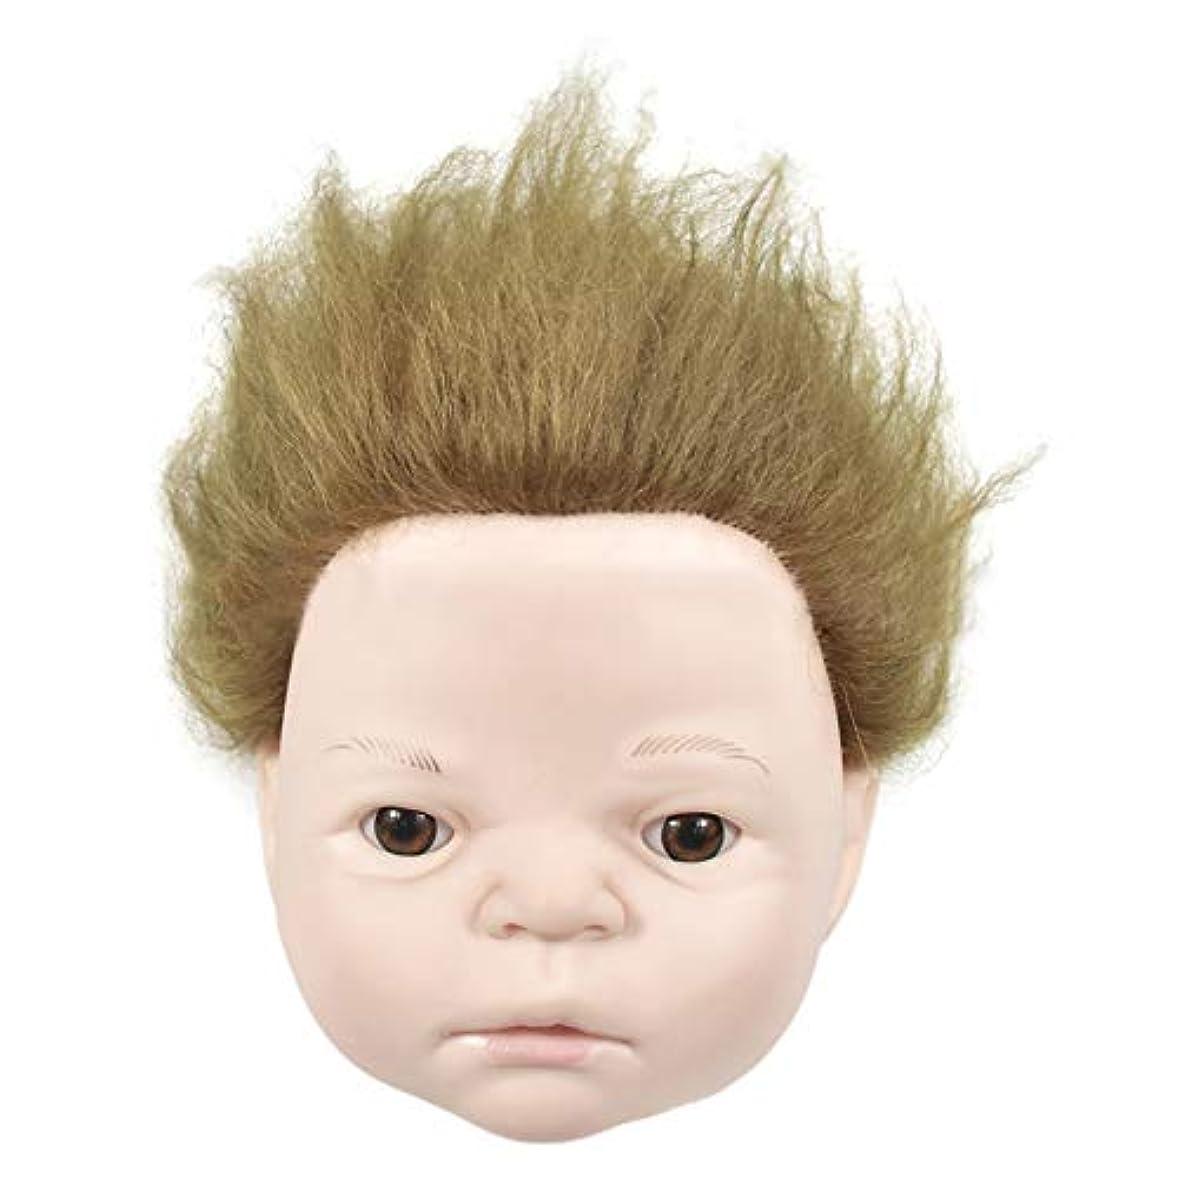 棚弱いイヤホン練習理髪散髪ヘッドモデルリアルヘアドールヘッド形状教育ヘッドサロン教育学習マネキンヘッド